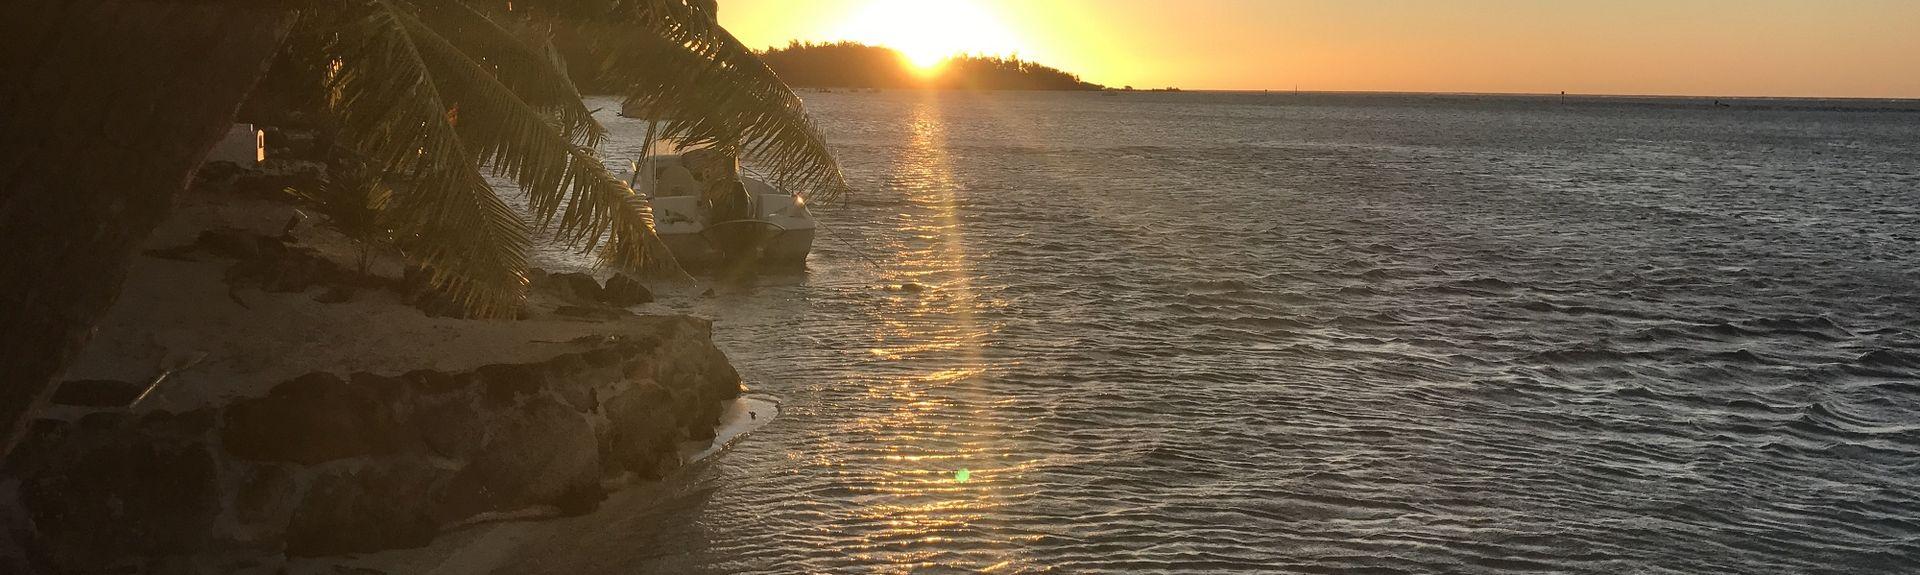 Temae, Moorea-Maiao, Bovenwindse Eilanden, Frans Polynesië